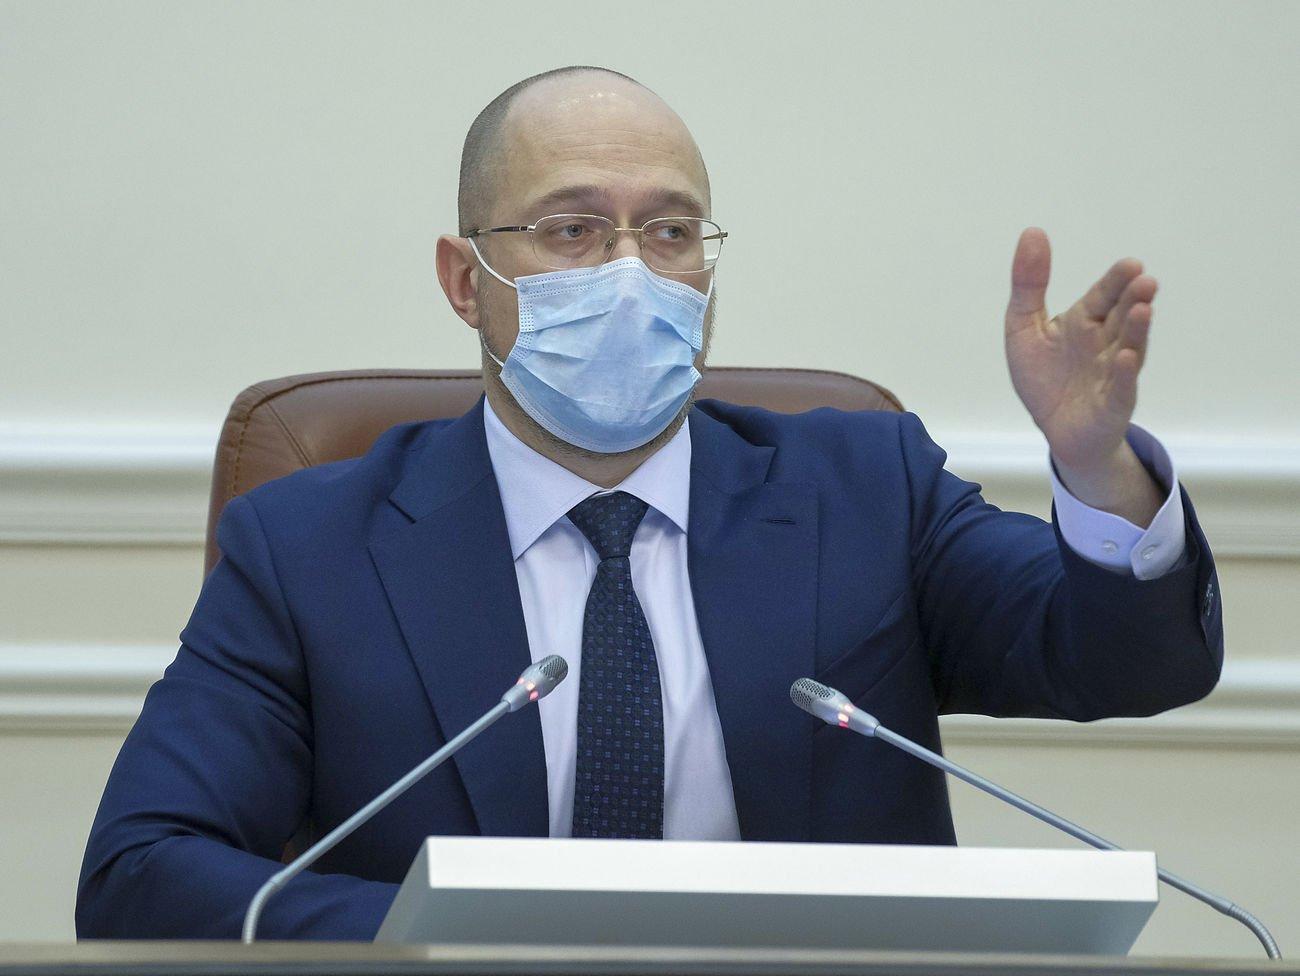 Вже незабаром українцям запропонують нові тарифи на газ, - Шмигаль